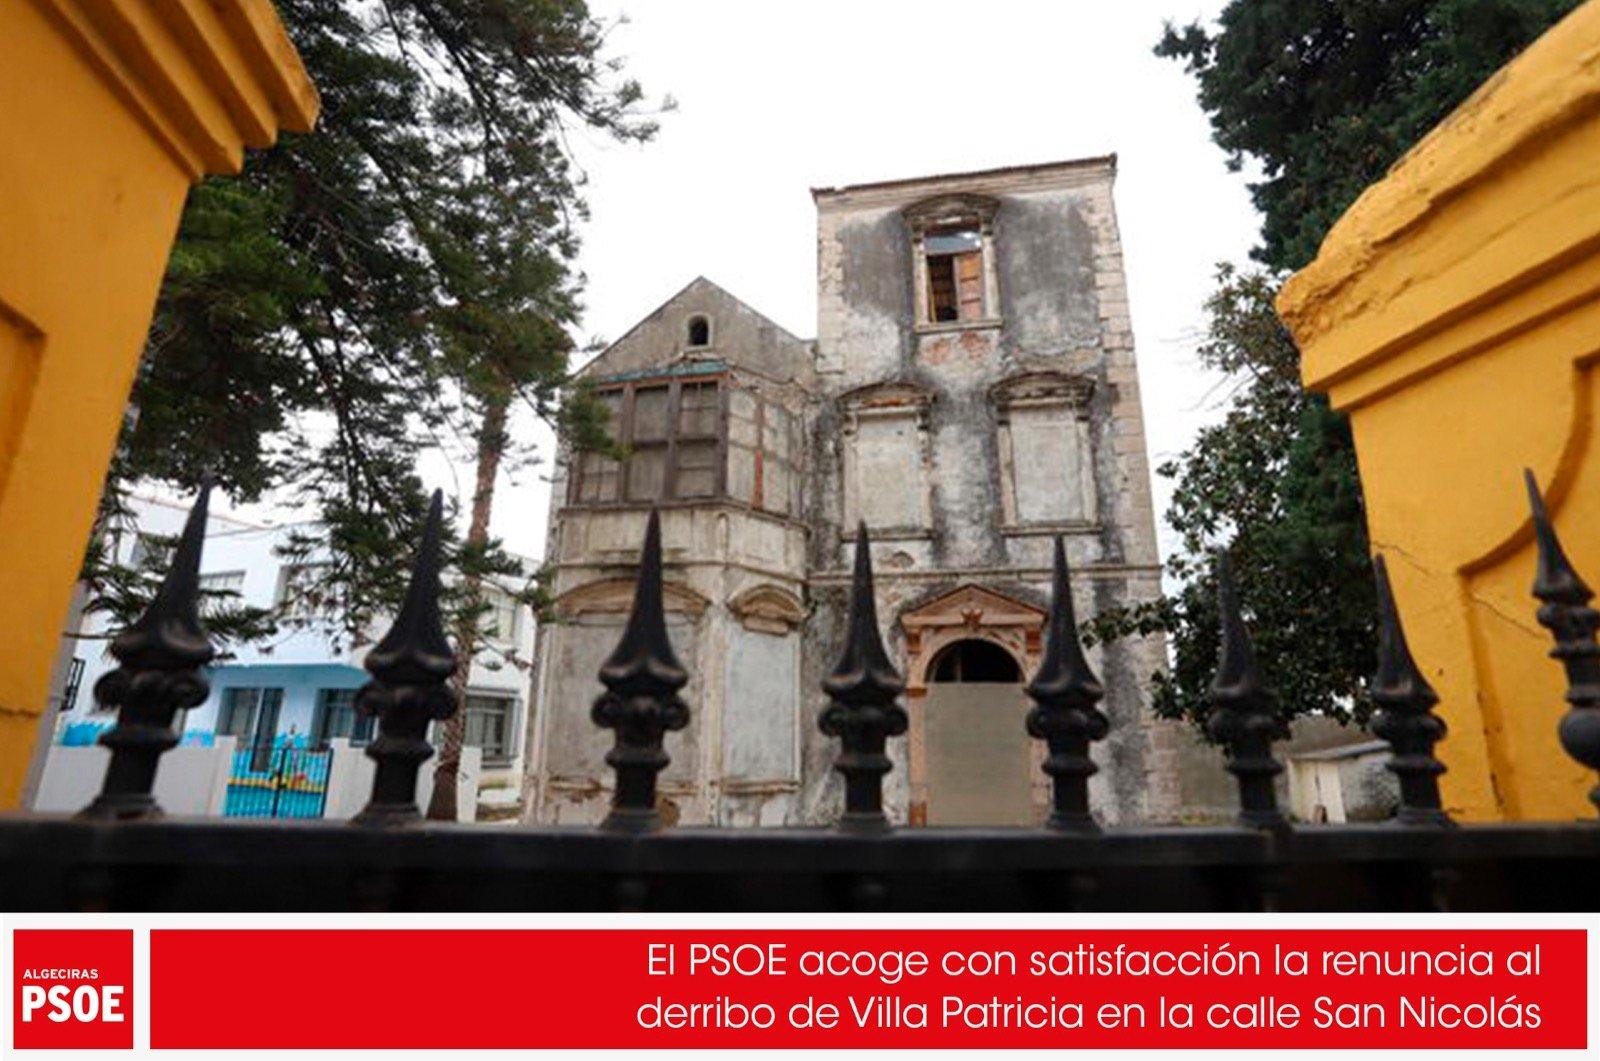 El PSOE acoge con satisfacción la renuncia al derribo de Villa Patricia en la calle San Nicolás